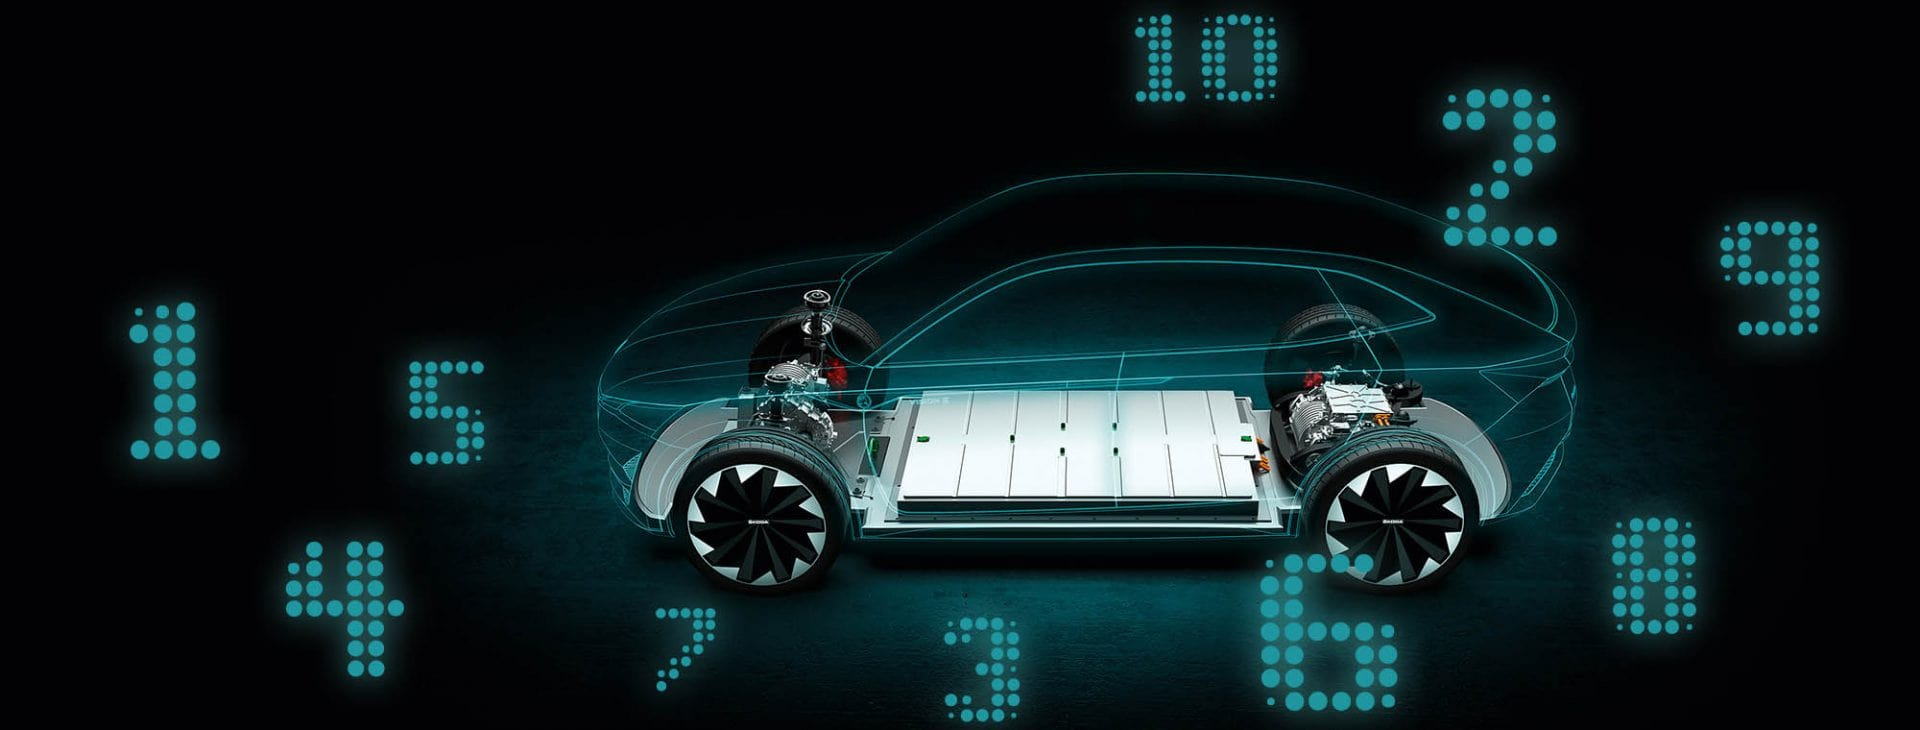 batožinový priestor, elektromobil